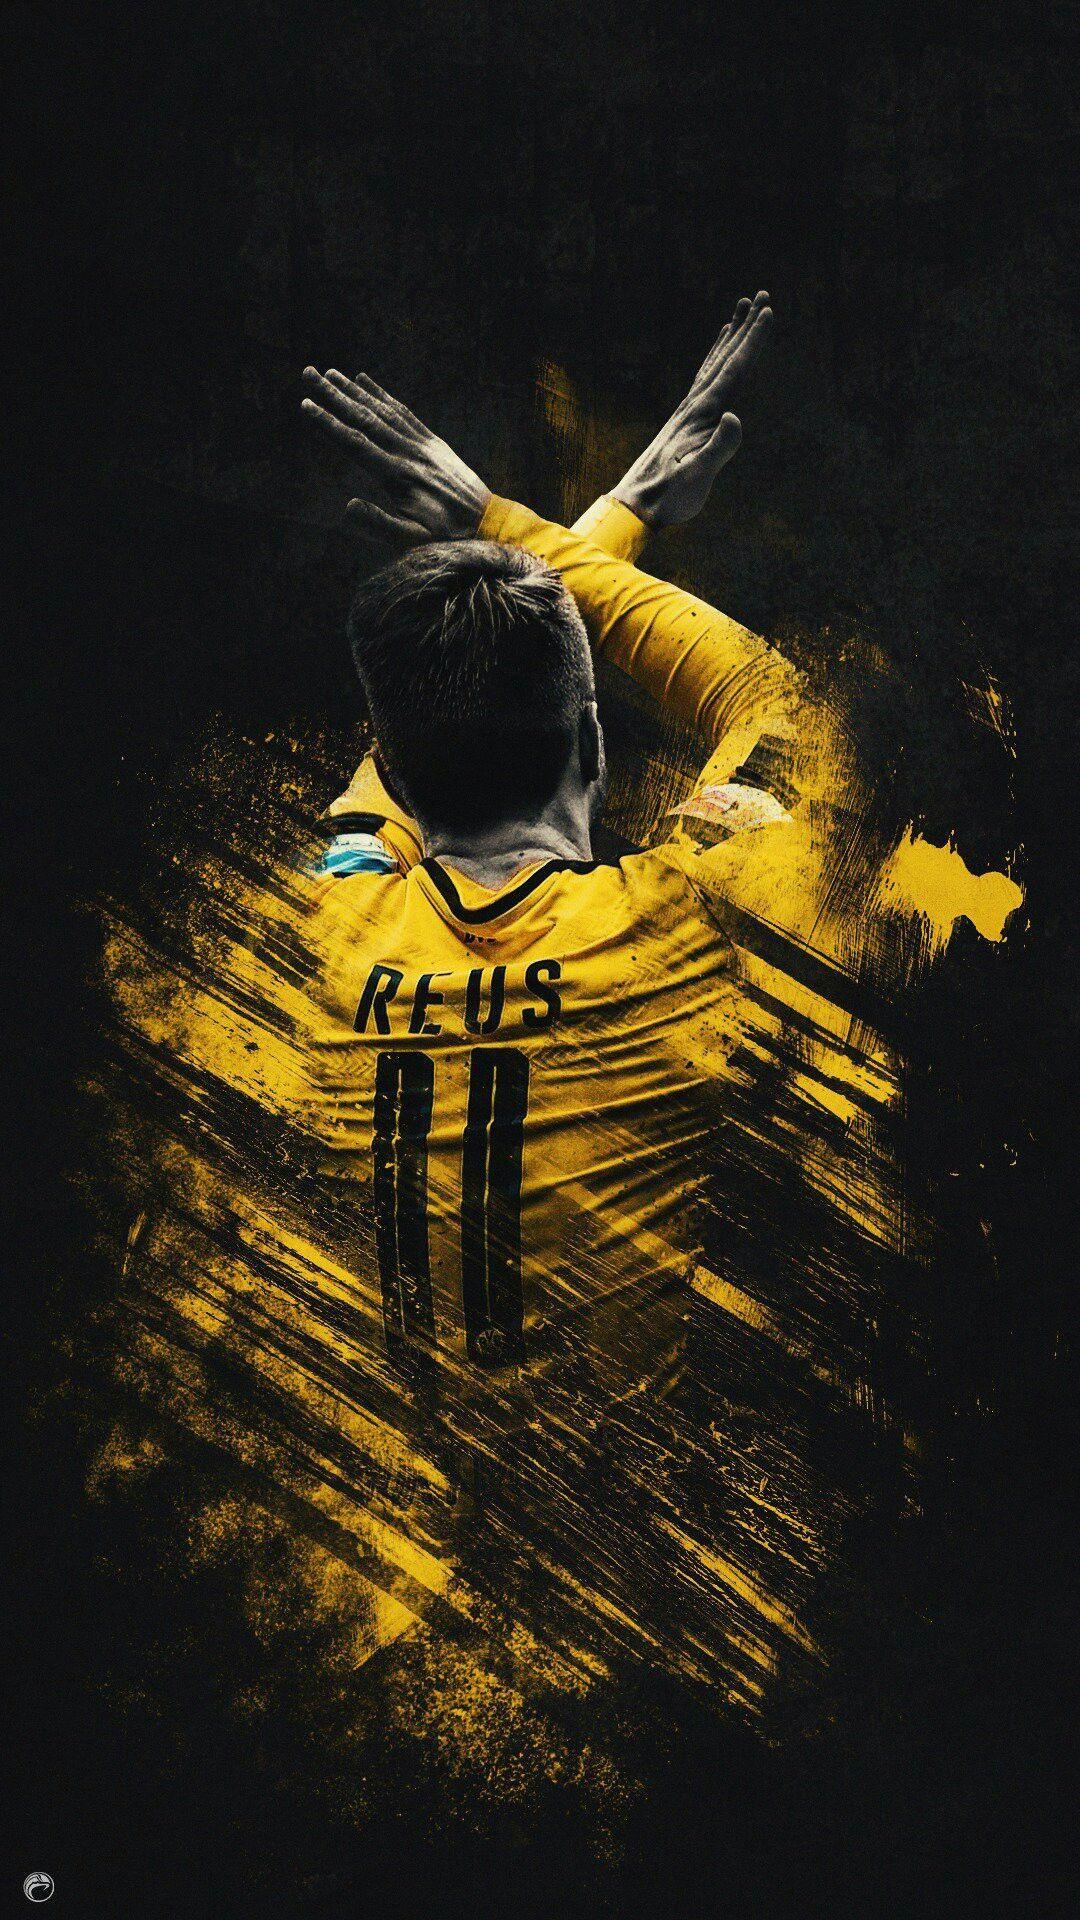 Dortmund Wallpapers - Top Free Dortmund Backgrounds ...